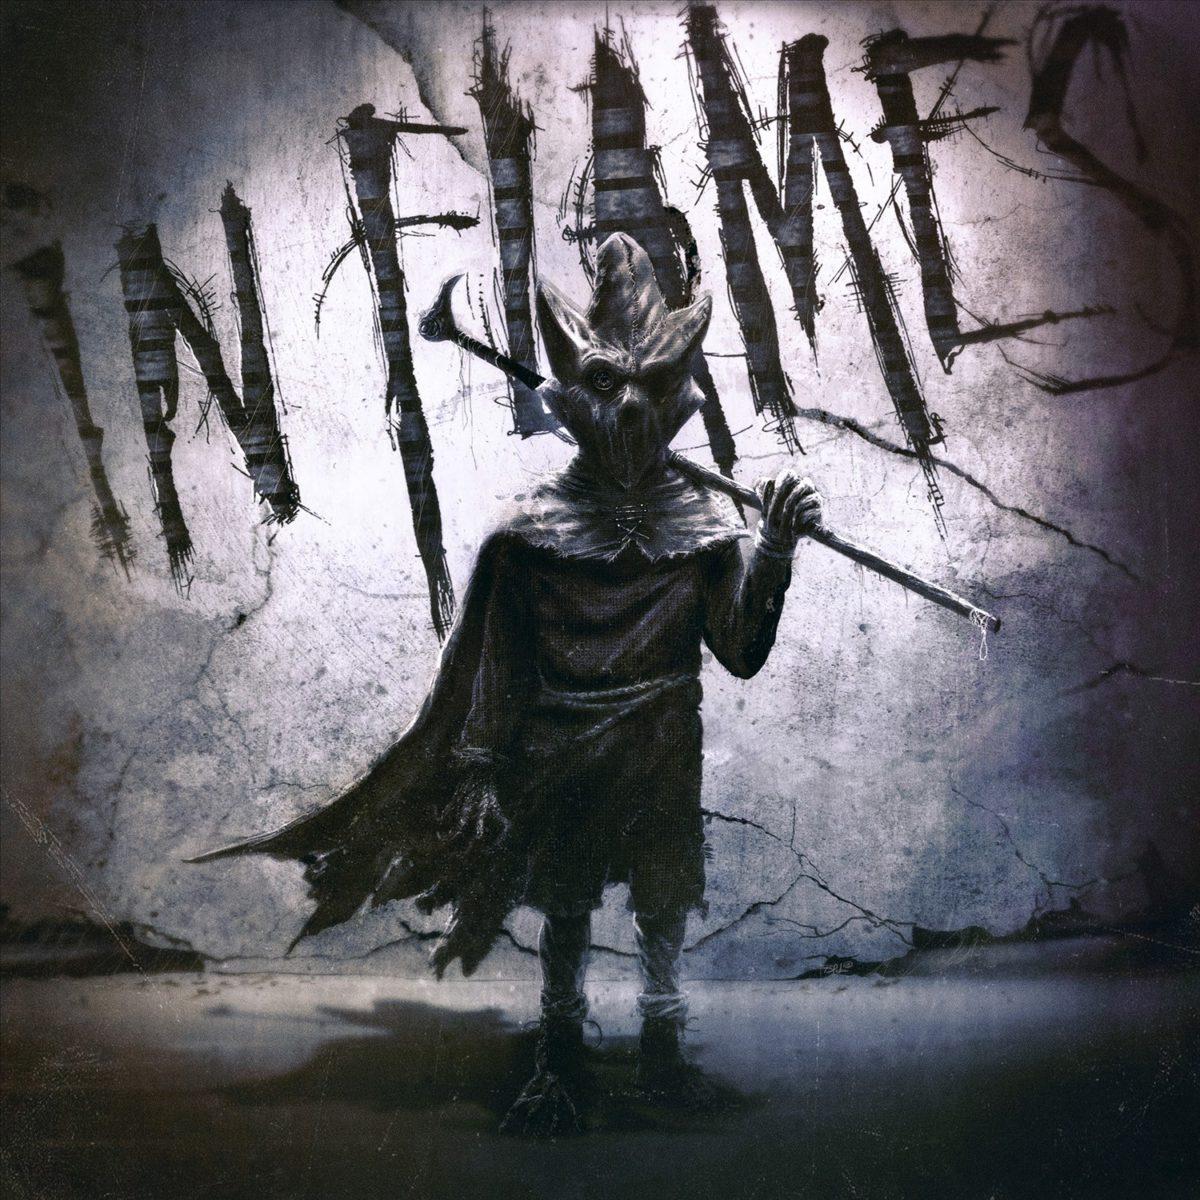 In-Flames-I-The-Mask-Artwork-e1551208054530.jpg